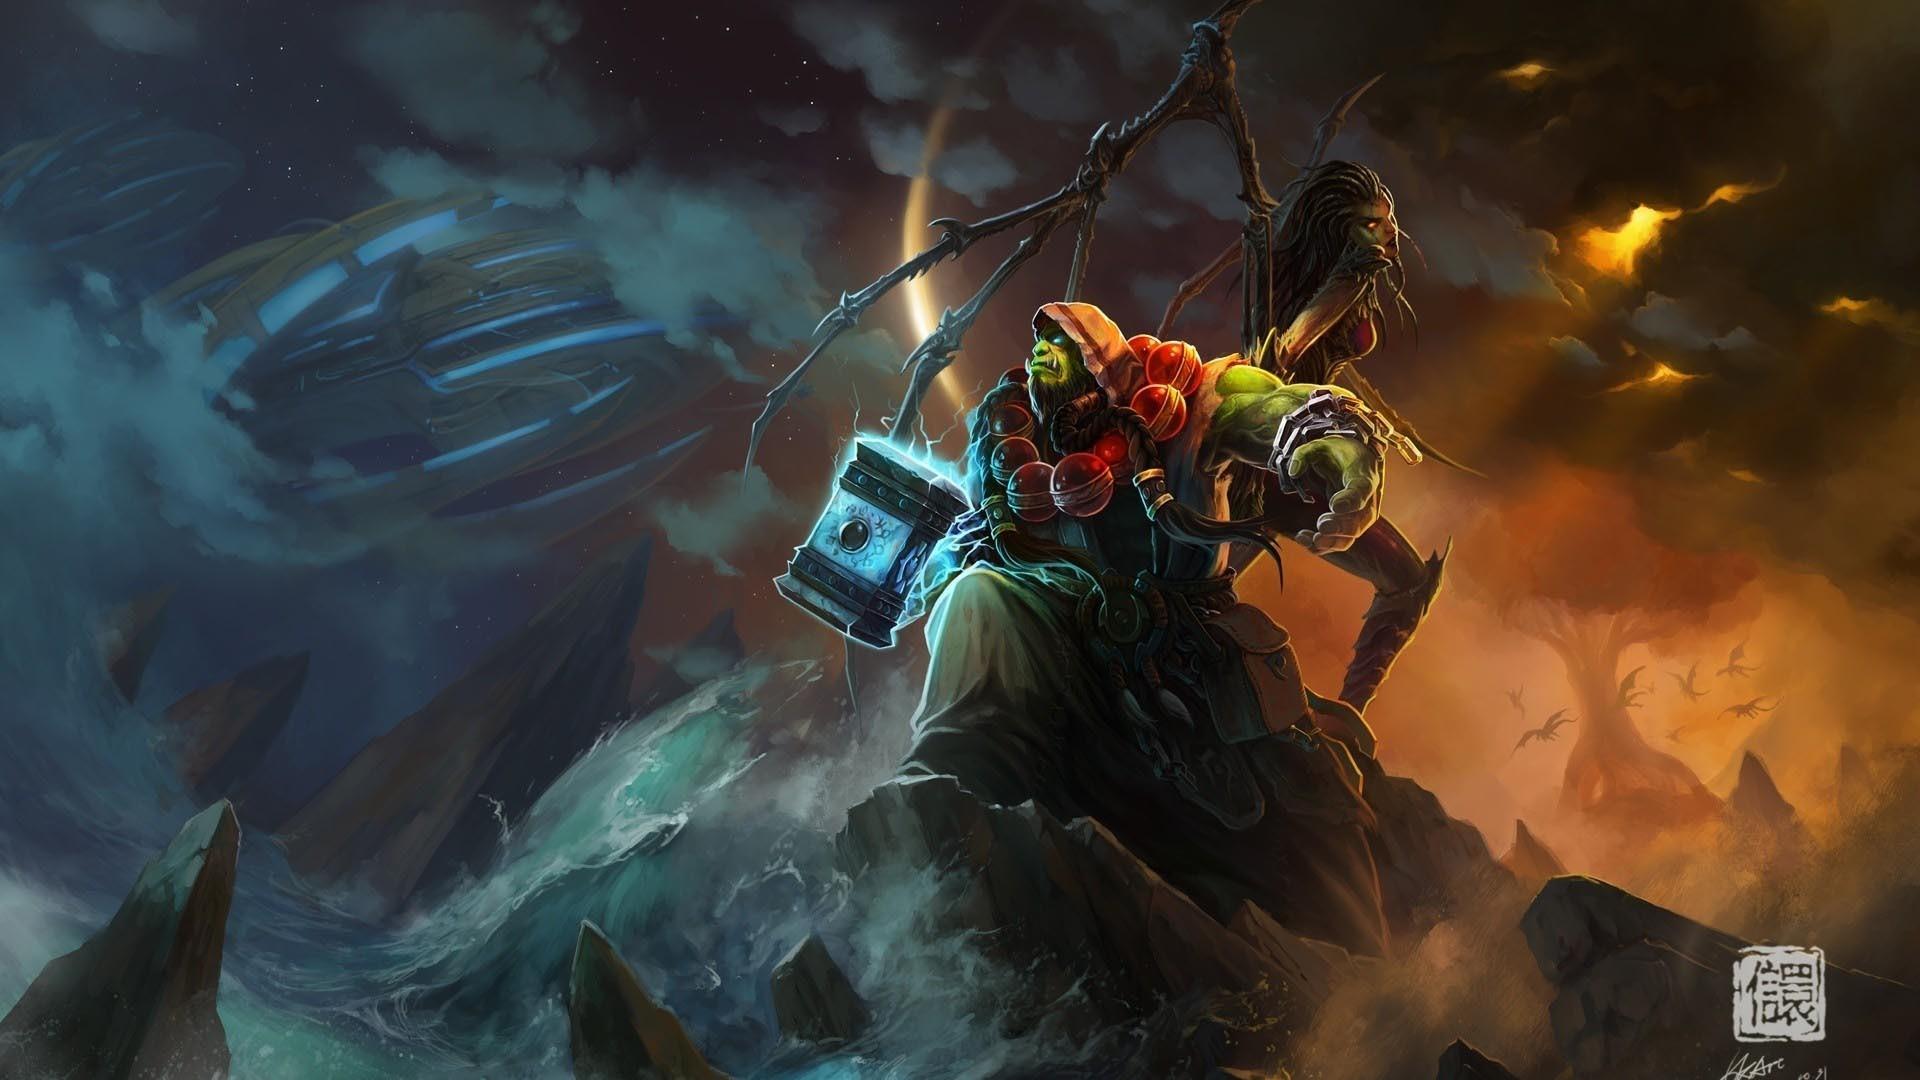 World of Warcraft Ocean Shaman Wallpaper